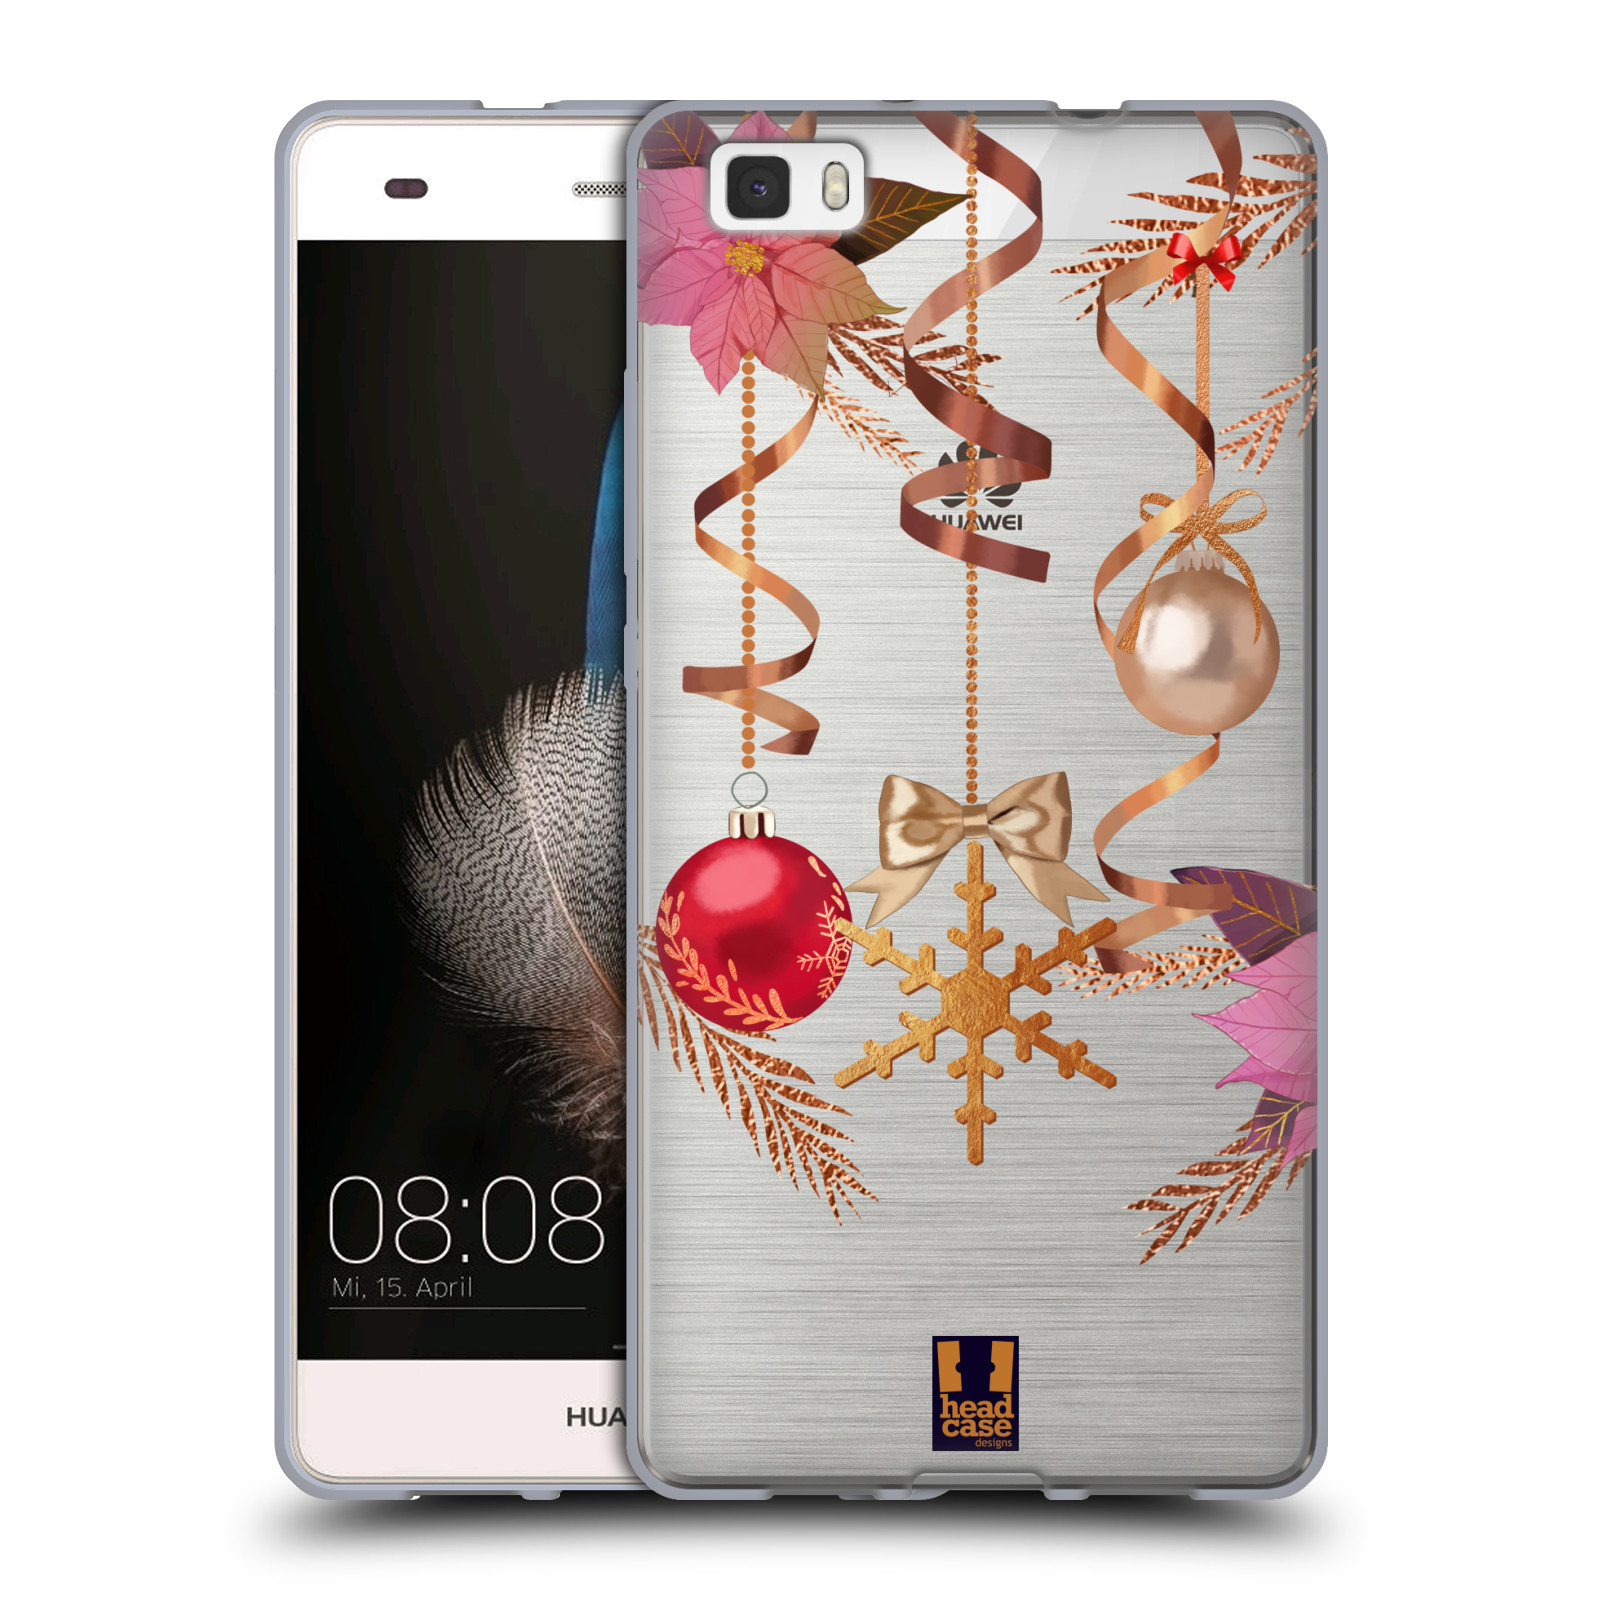 Silikonové pouzdro na mobil Huawei P8 Lite - Head Case - Vločka a vánoční ozdoby